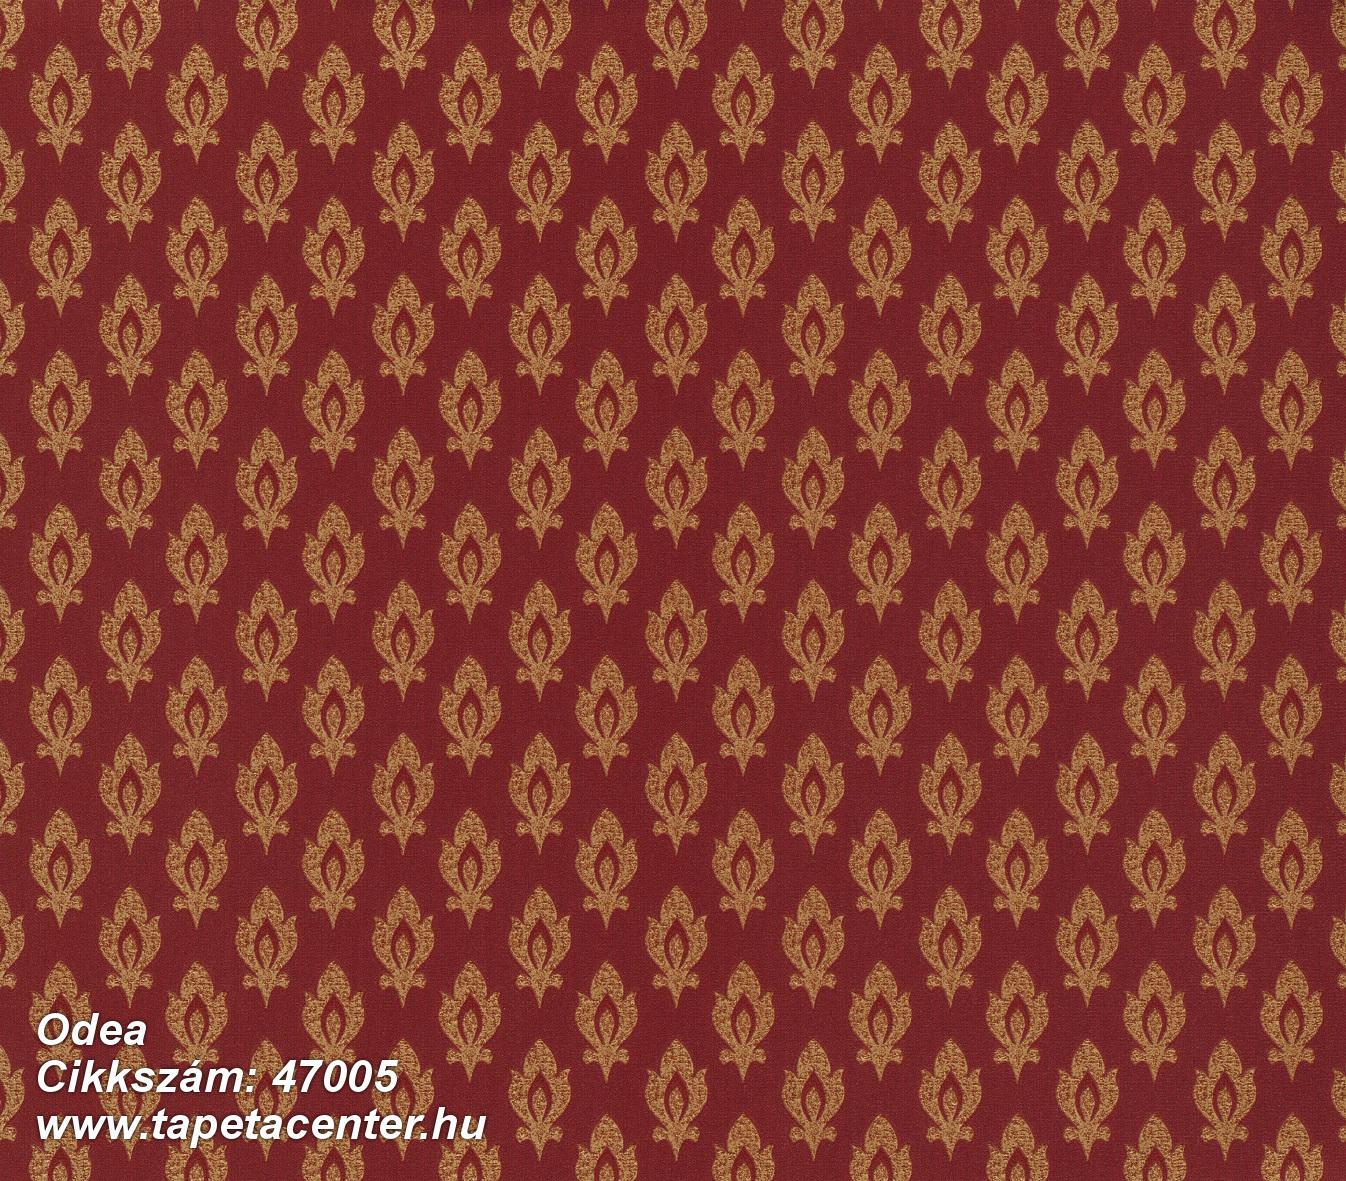 Odea - 47005 Olasz tapéta